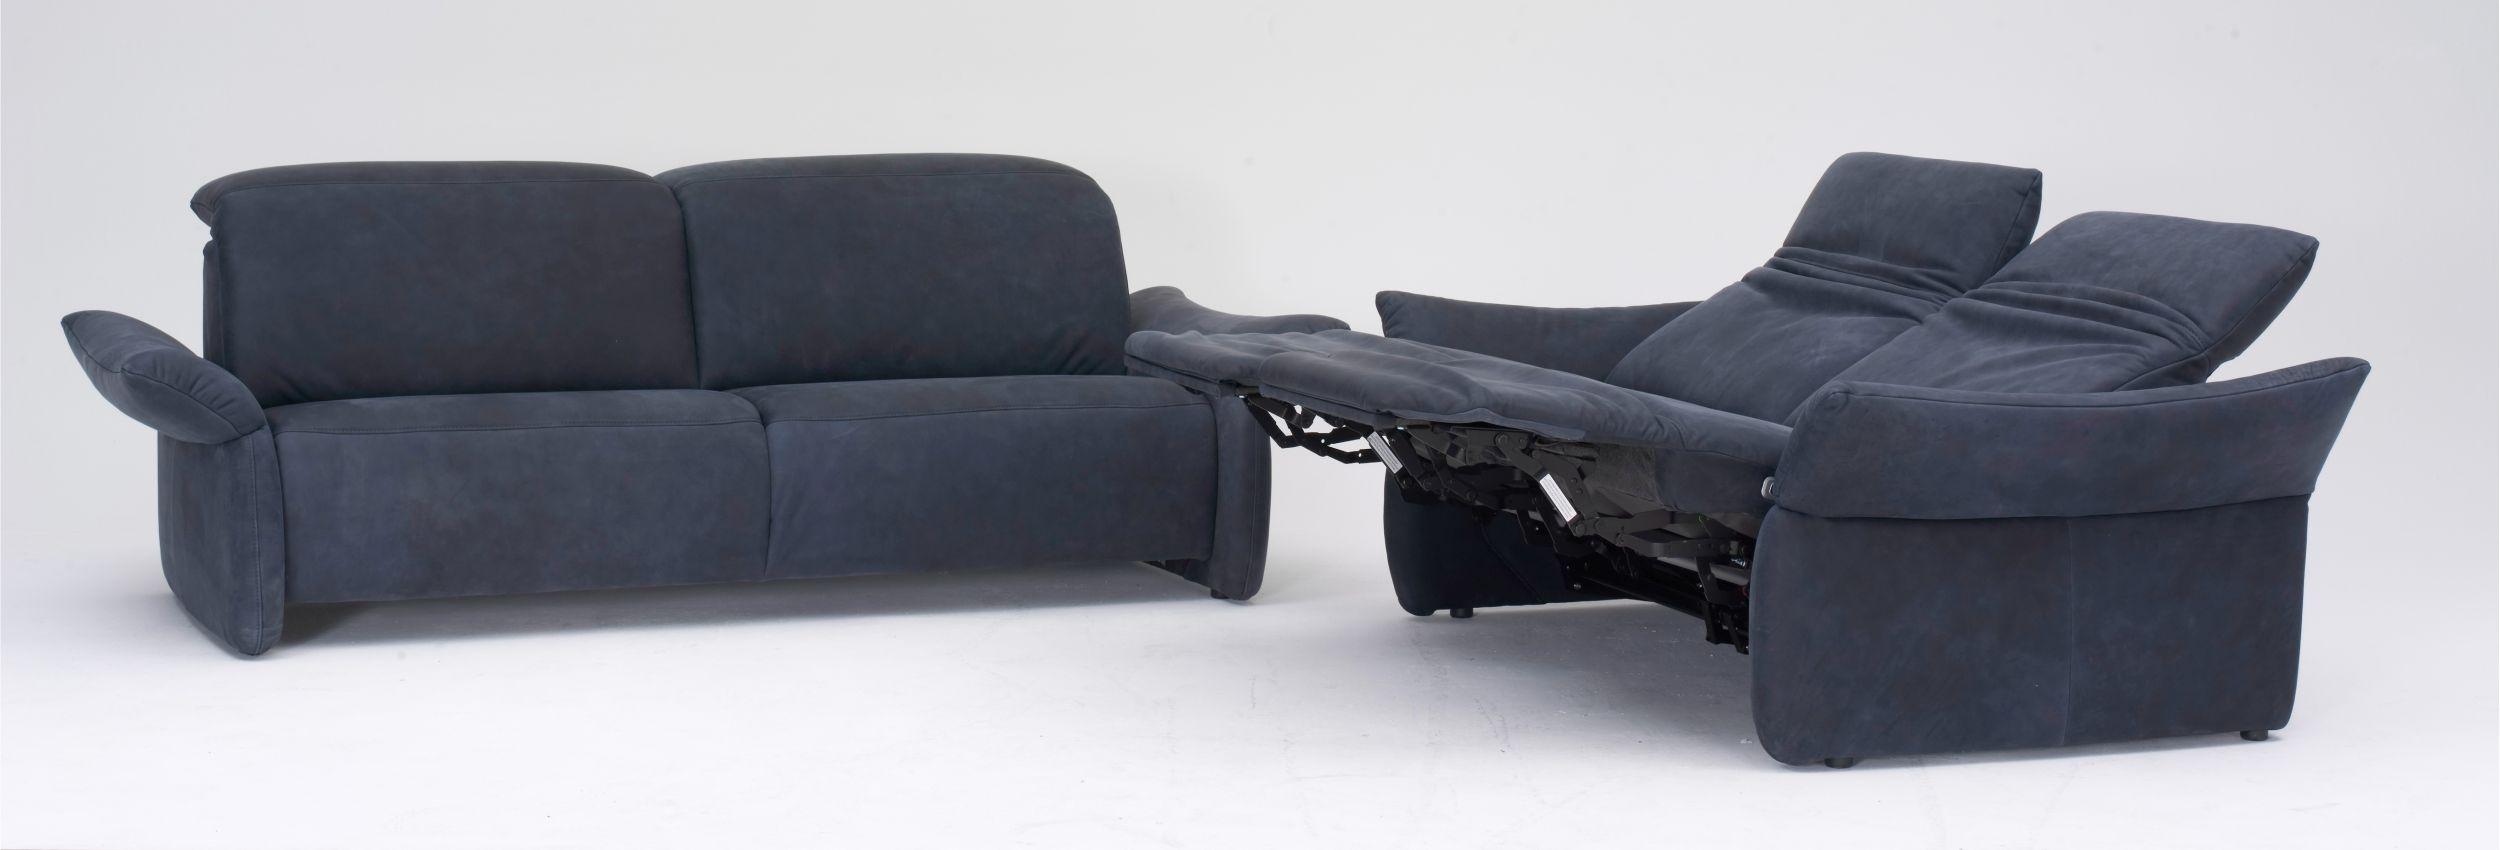 Full Size of 2 Sitzer Sofa Mit Relaxfunktion Elektrischer Elektrisch 5 Stoff 2 Sitzer City Integrierter Tischablage Und Stauraumfach Leder Gebraucht 5 Sitzer   Grau 196 Cm Sofa 2 Sitzer Sofa Mit Relaxfunktion